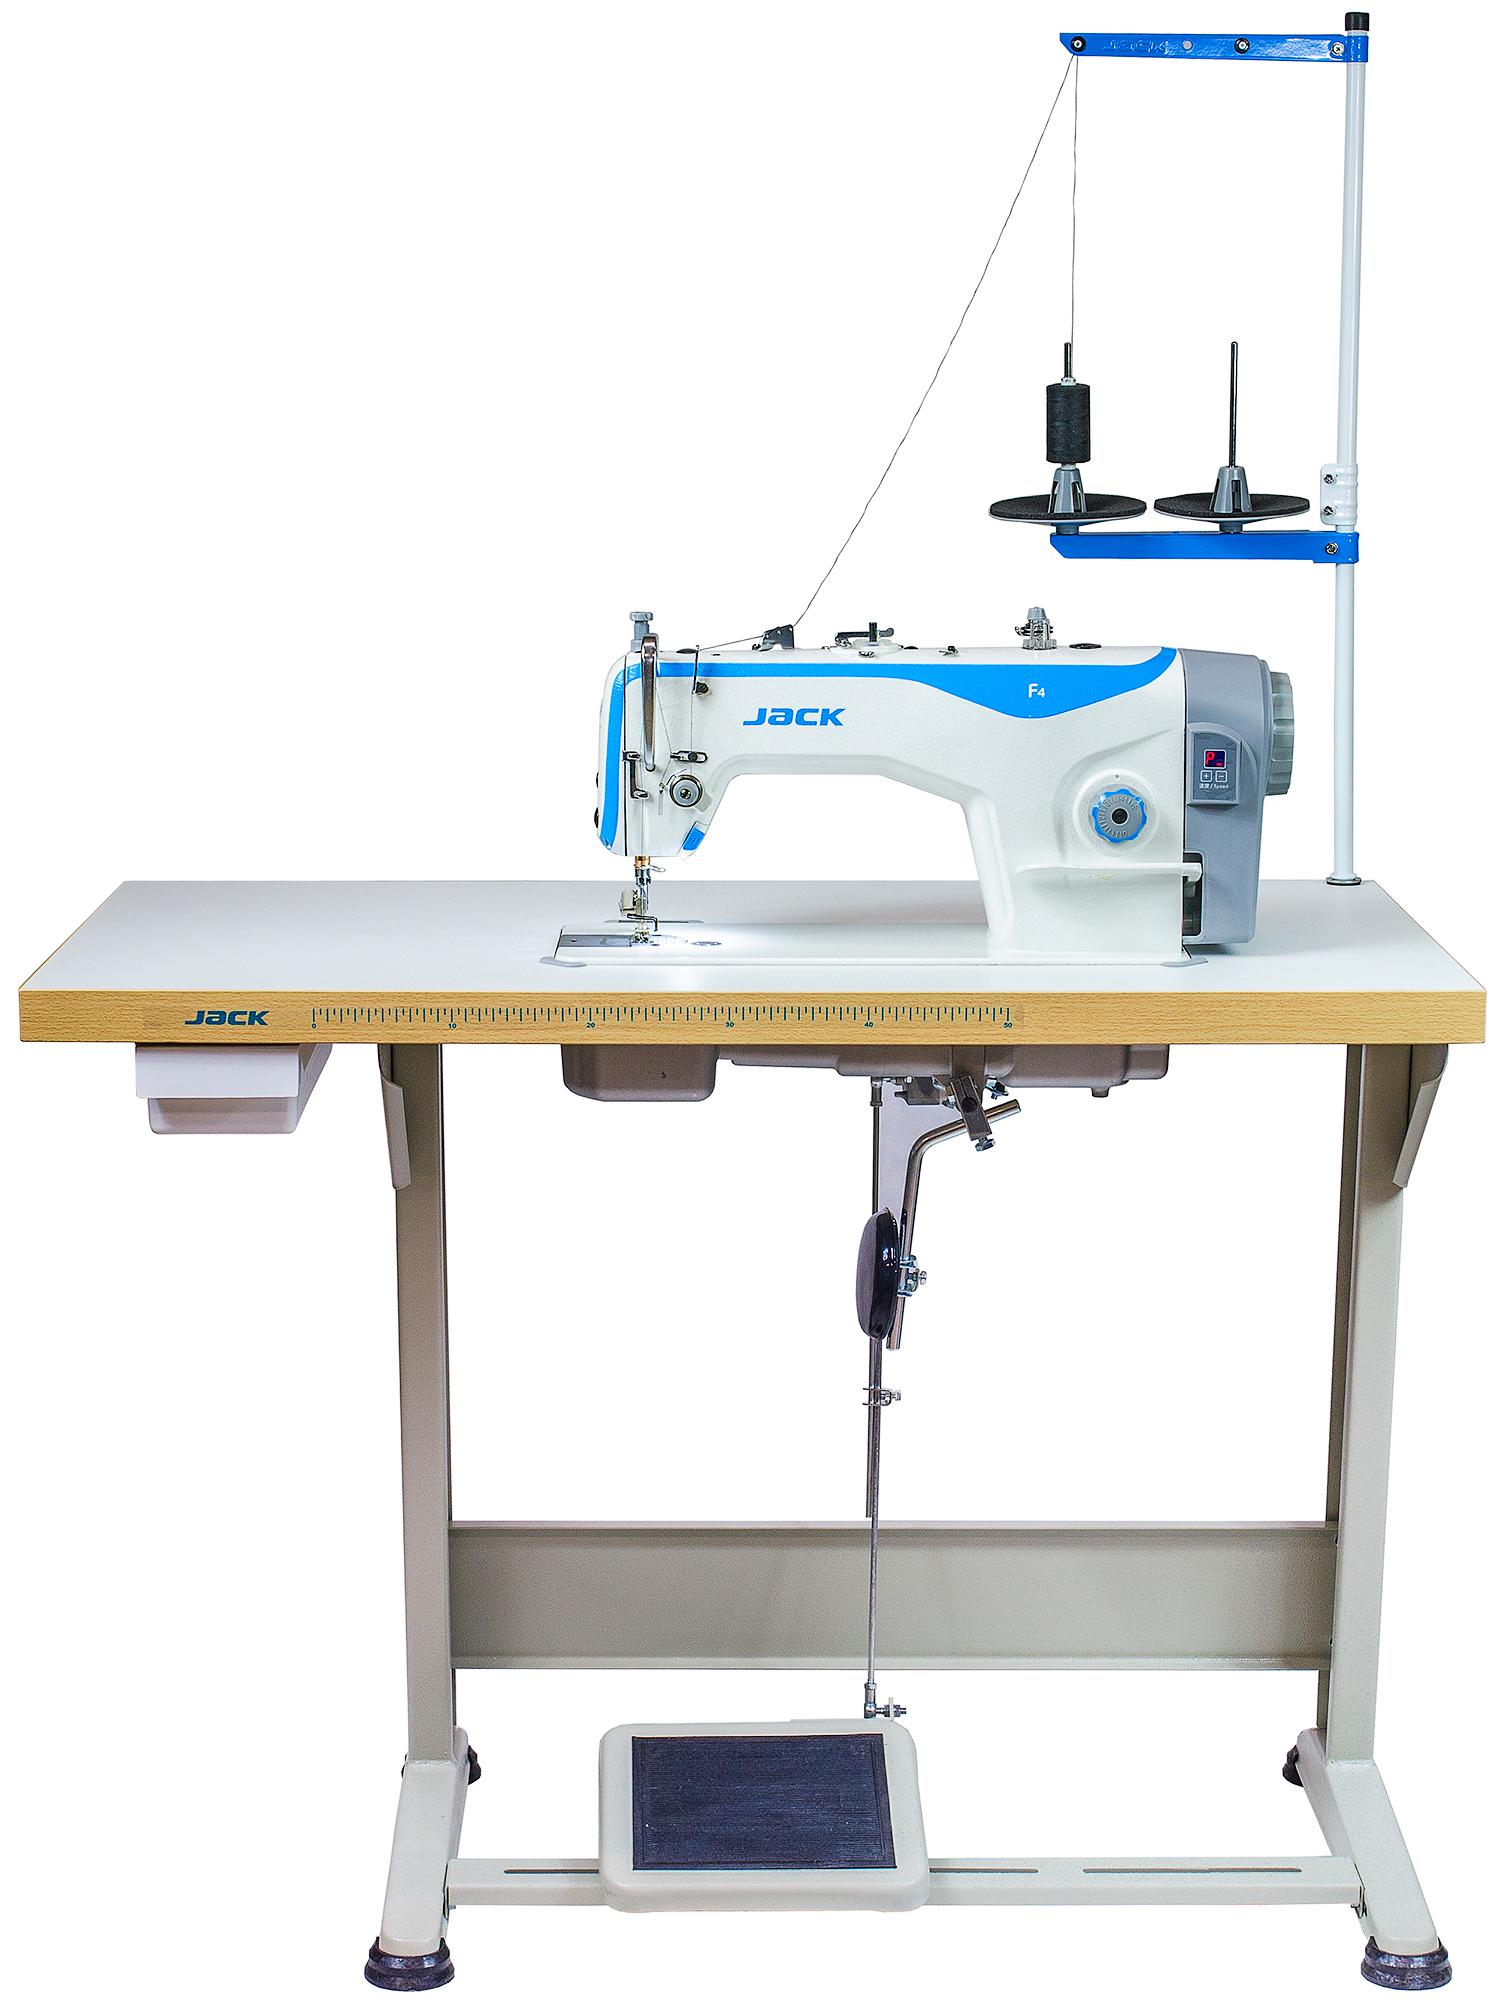 Jack F4 1-jehlový šicí stroj se spodním ponorným podáváním